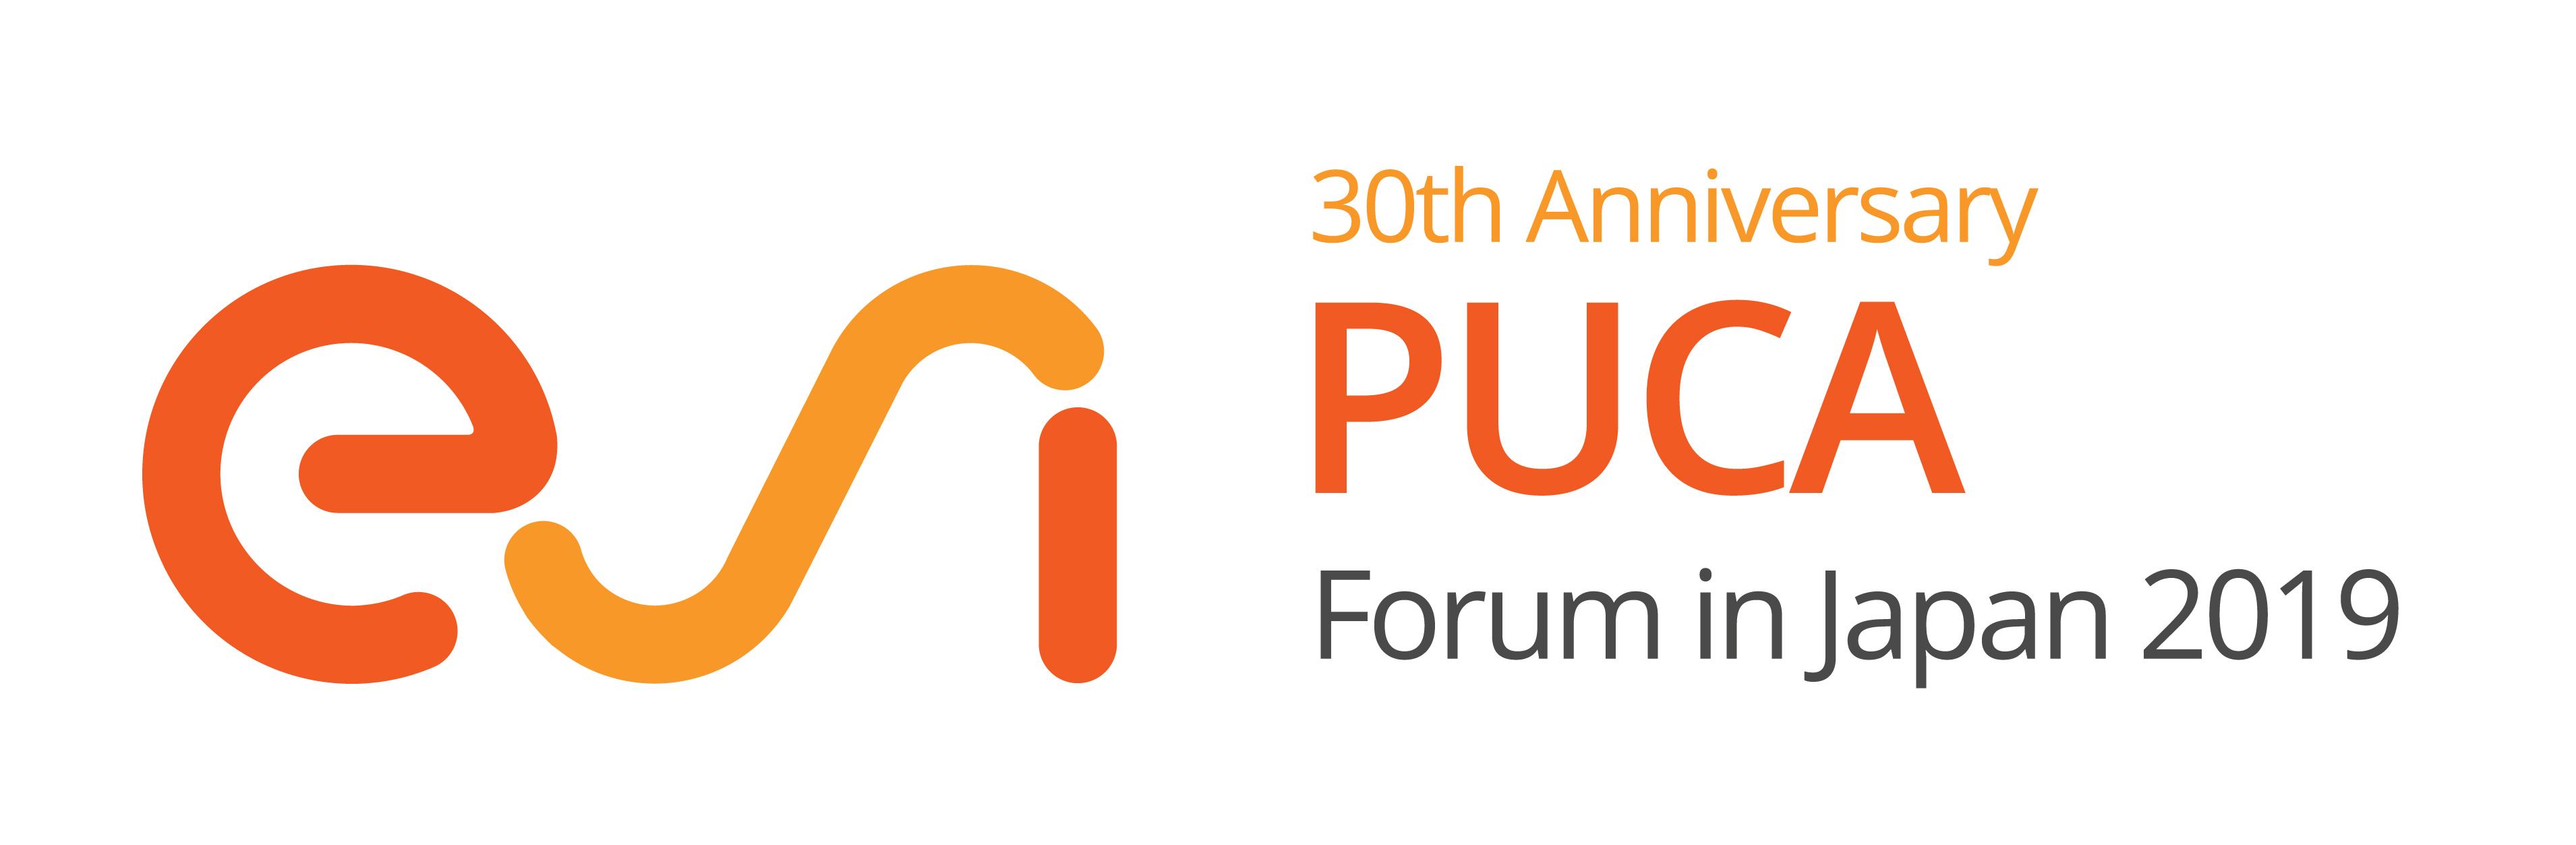 30th PUCA - ESI Users' Forum Japan-VRセッションアブストラクトのご紹介